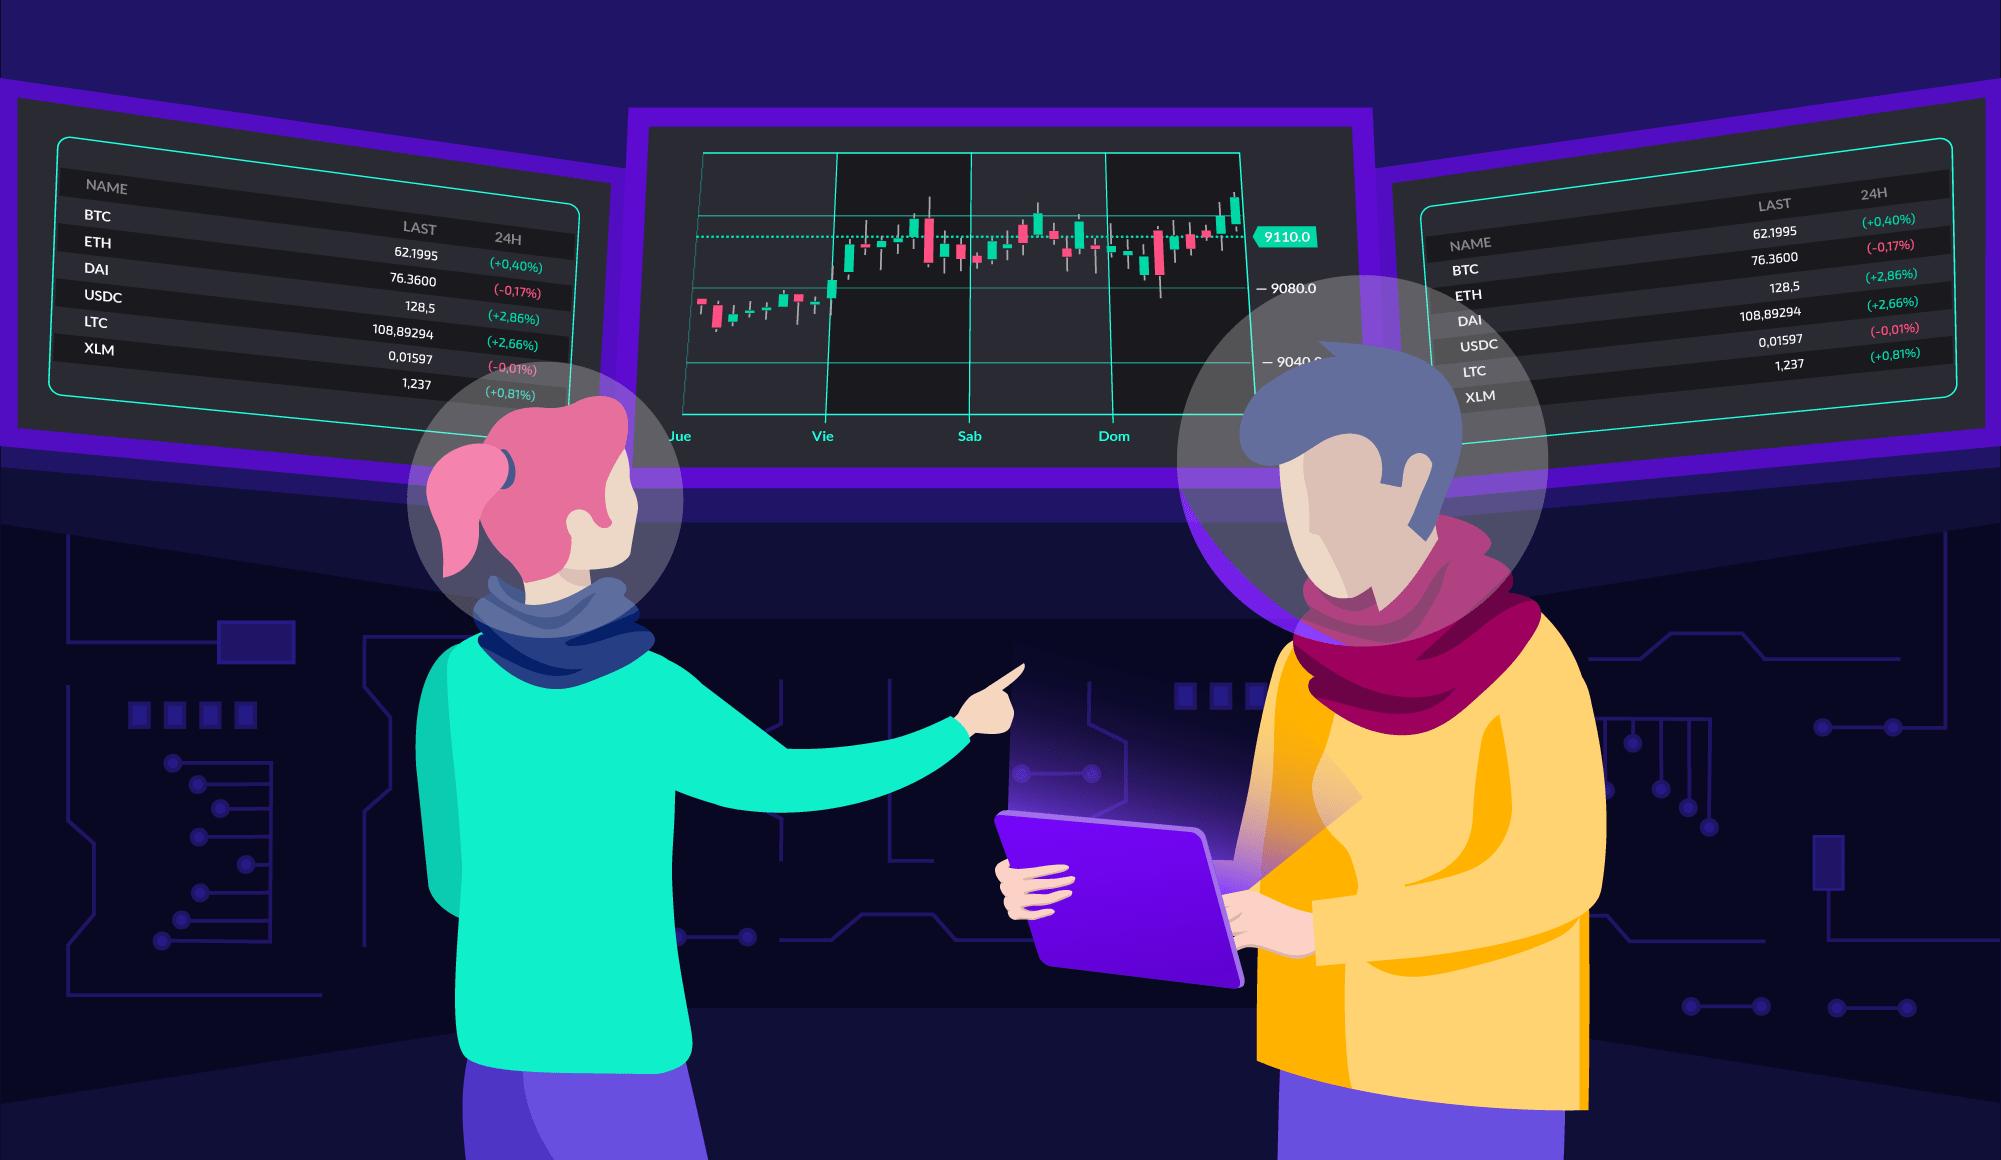 Exchange de criptomoedas: mercado futuro vs mercado a vista